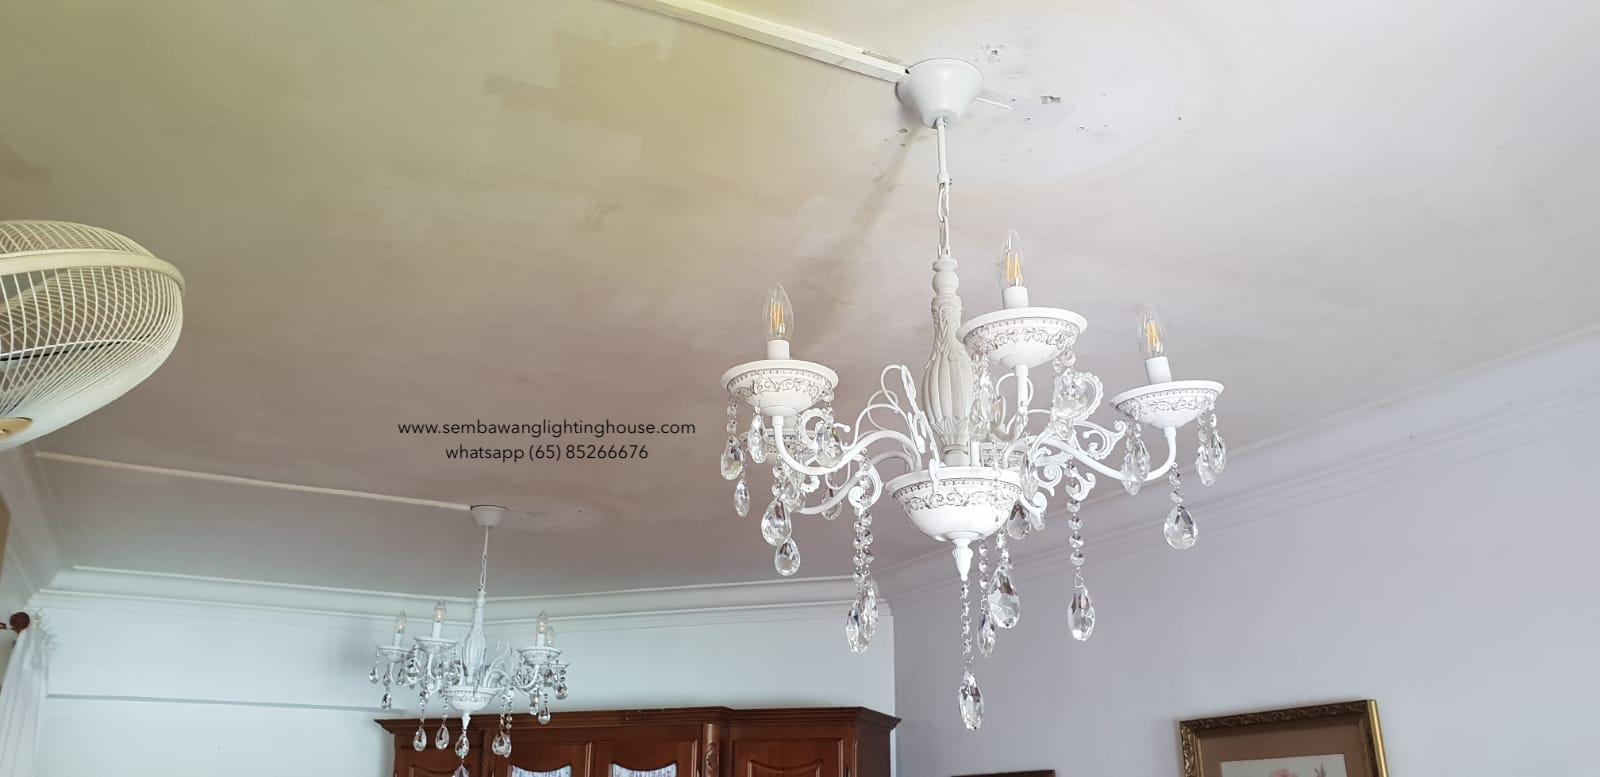 7753-5-white-crystal-chandelier-sembawang-lighting-house-2.jpg